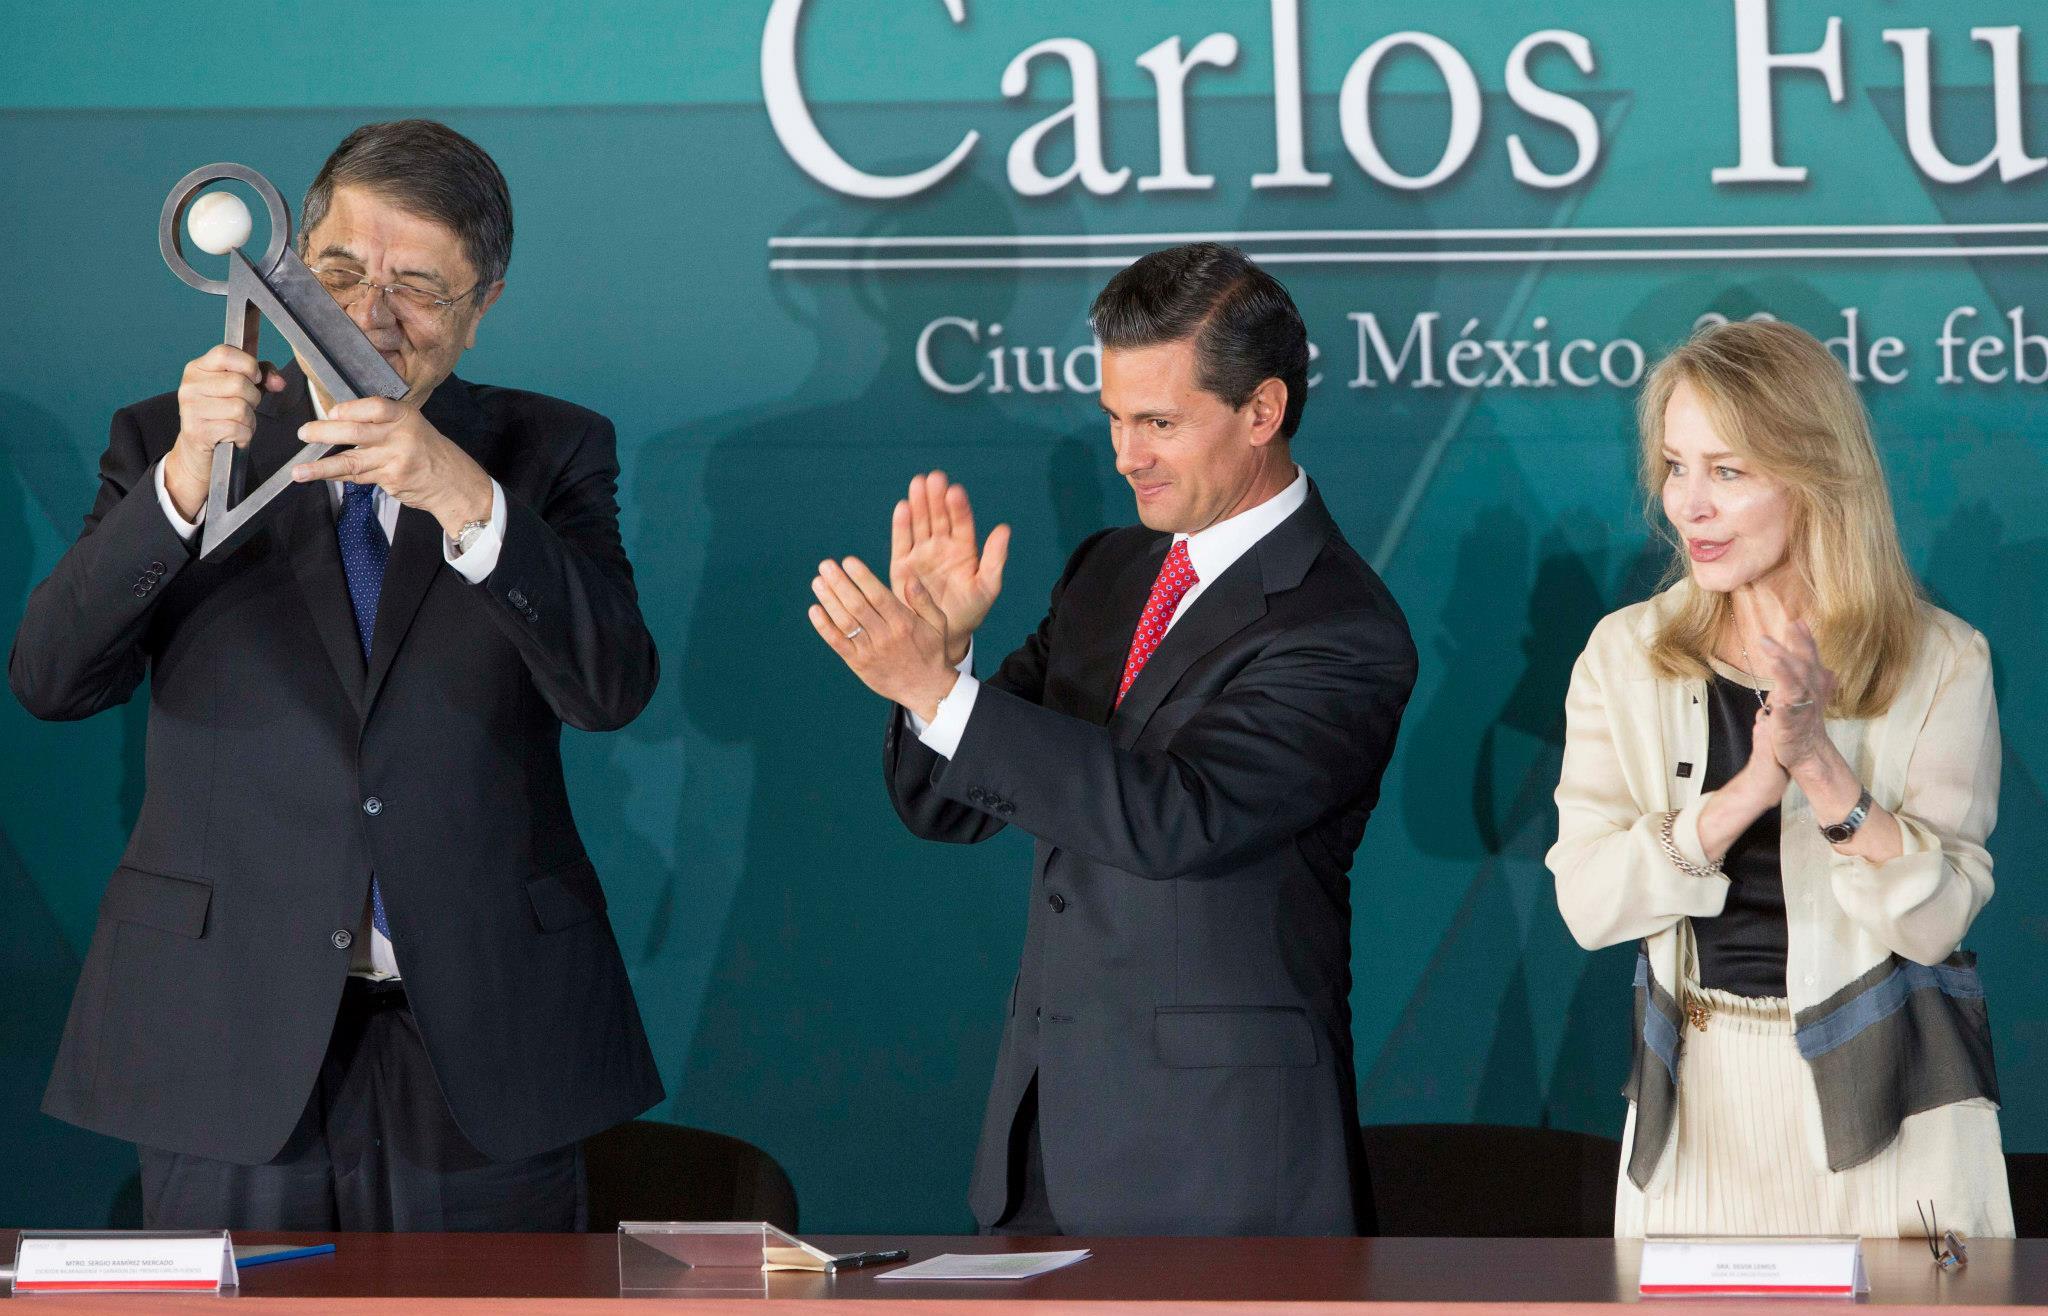 El gobierno de Peña Nieto se desmorona. Y nada lo puede parar